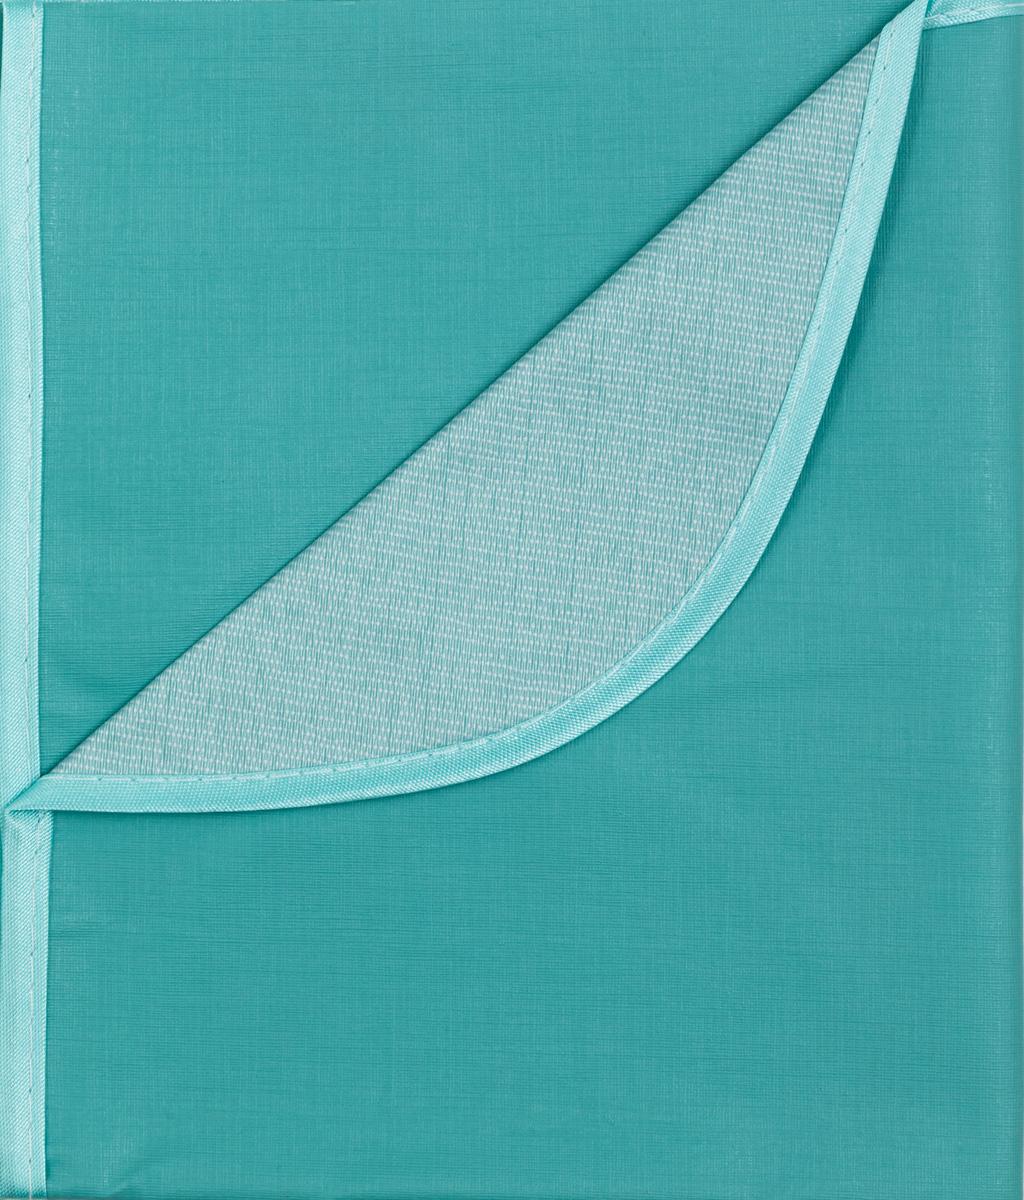 Колорит Клеенка подкладная с окантовкой цвет бледно-зеленый 70 х 100 см0057_зеленыйКлеенка подкладная с ПВХ покрытием Колорит, окантованная по краям тесьмой, предназначена для санитарно-гигиенических целей в качестве подкладного материала в медицинской практике и в домашних условиях. ПВХ покрытие влагонепроницаемо и обладает эффектом теплоотдачи, что исключает эффект холодного прикосновения. Микропористая структура поливинилхлоридного покрытия способствует профилактике пролежней и трофических проявлений. Клеенка окантована текстильной тесьмой, что помогает надолго сохранить опрятный внешний вид.